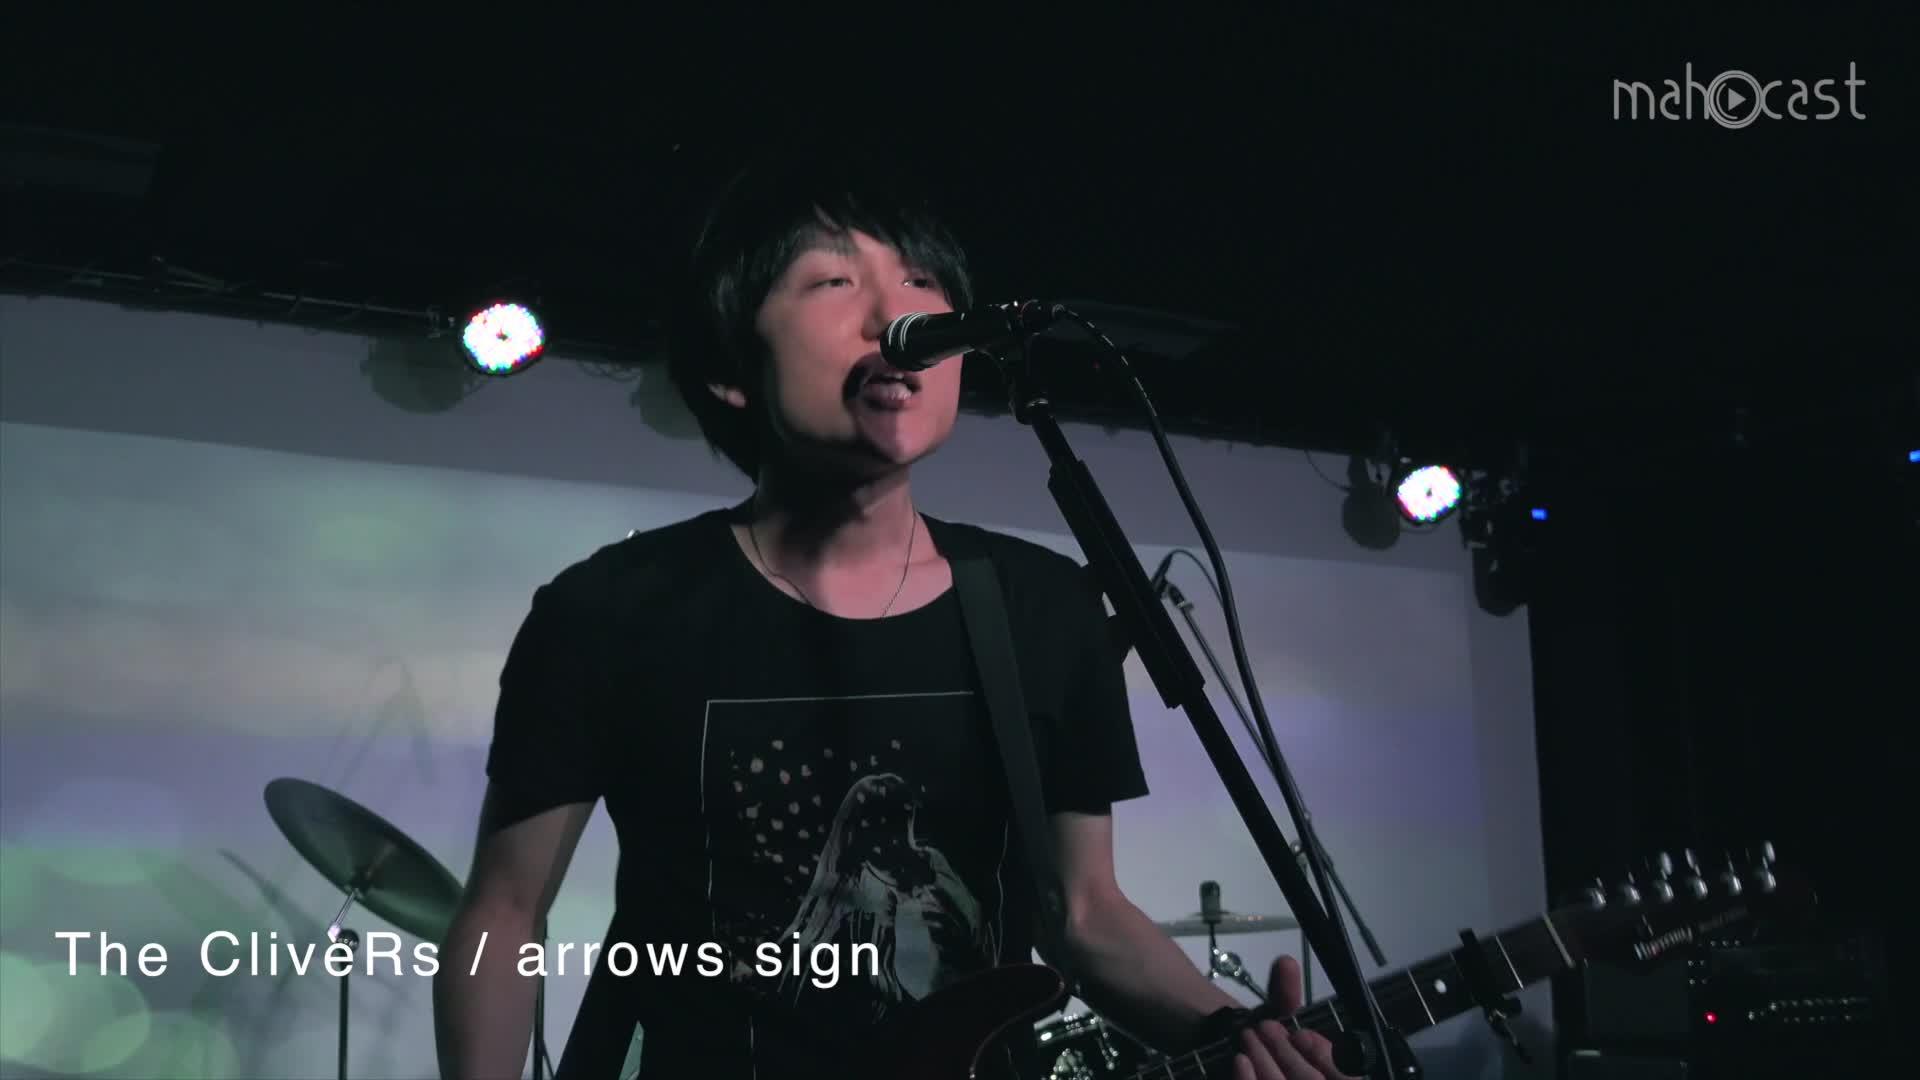 arrows sign